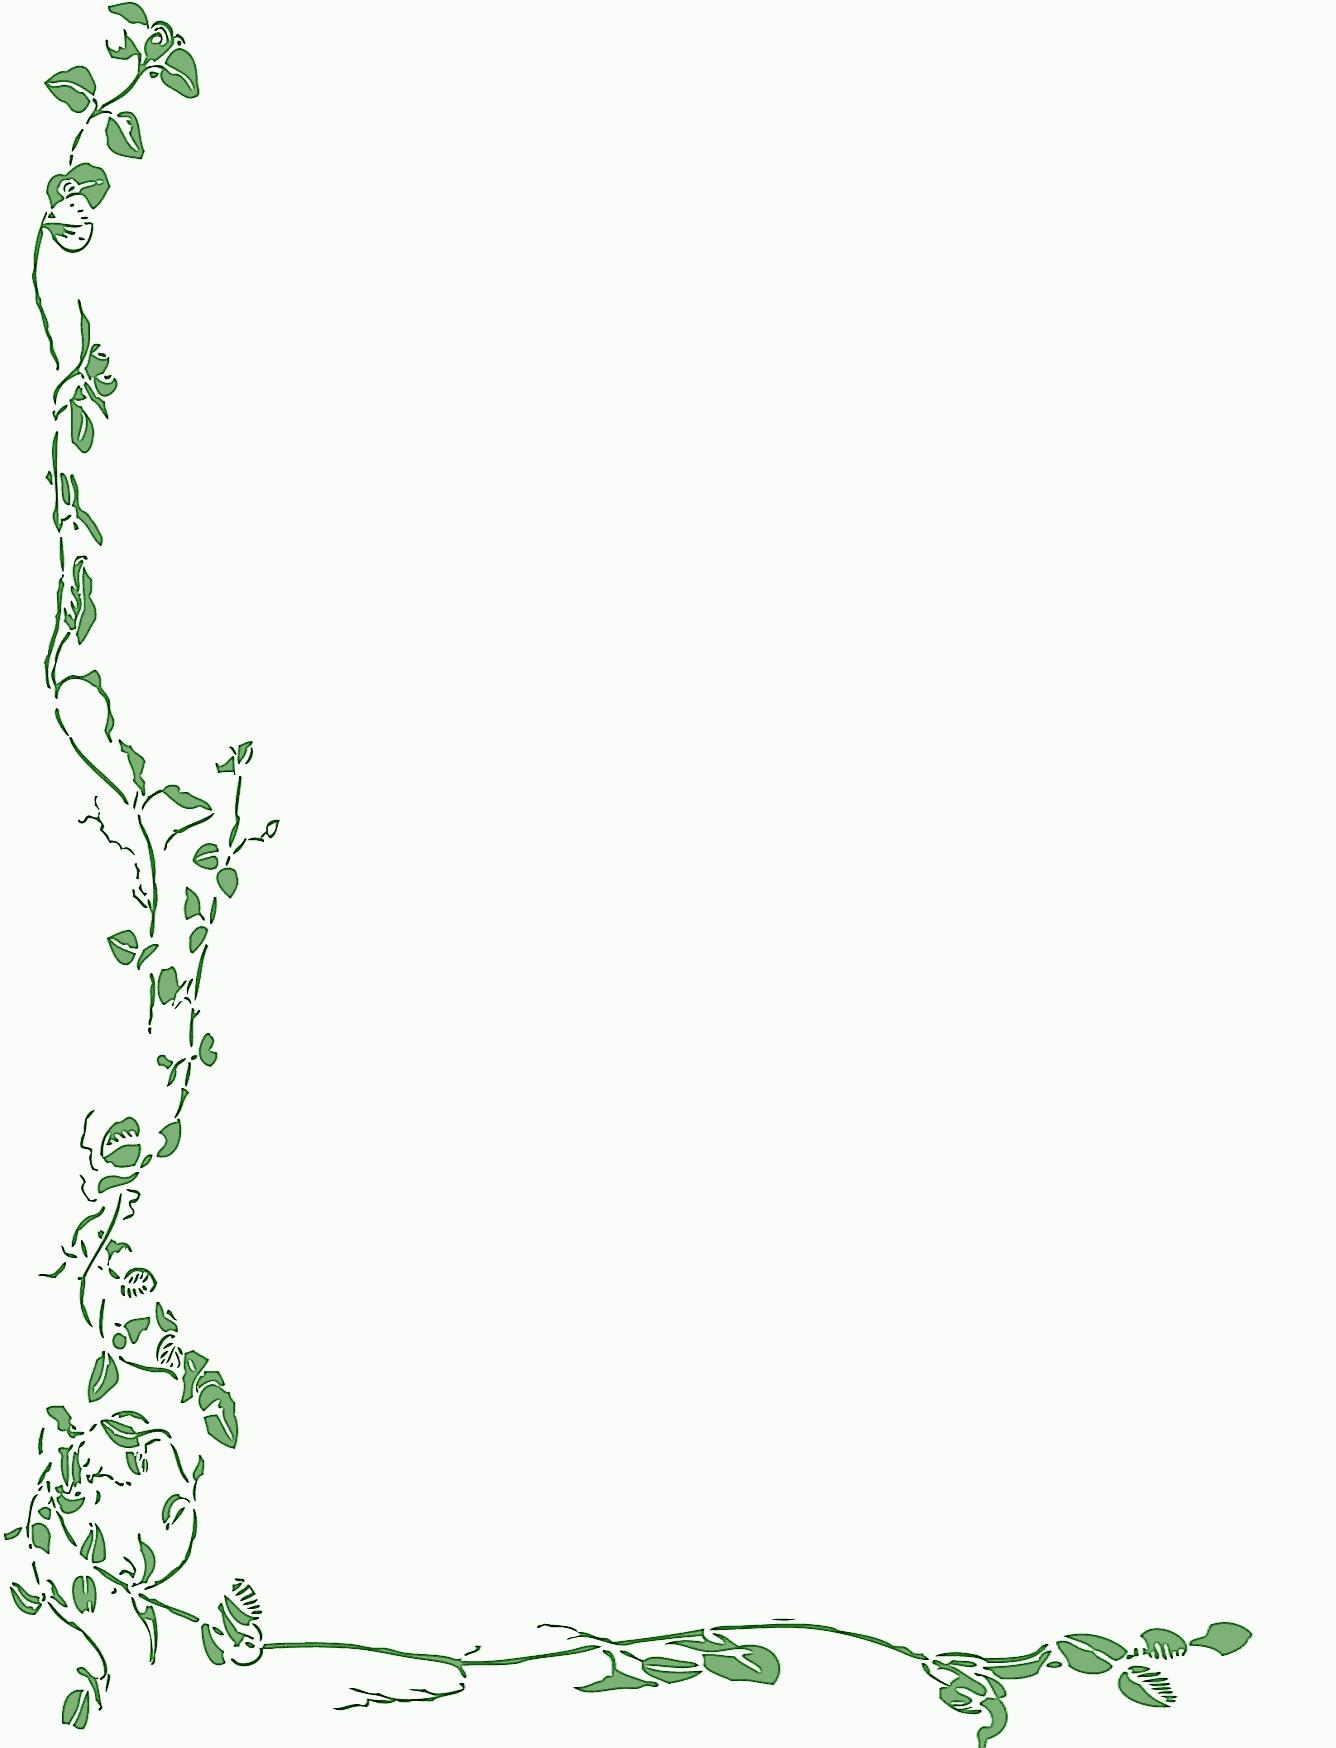 Free Printable Christmas Stationary Borders | Free Printable Spring - Free Printable Spring Stationery